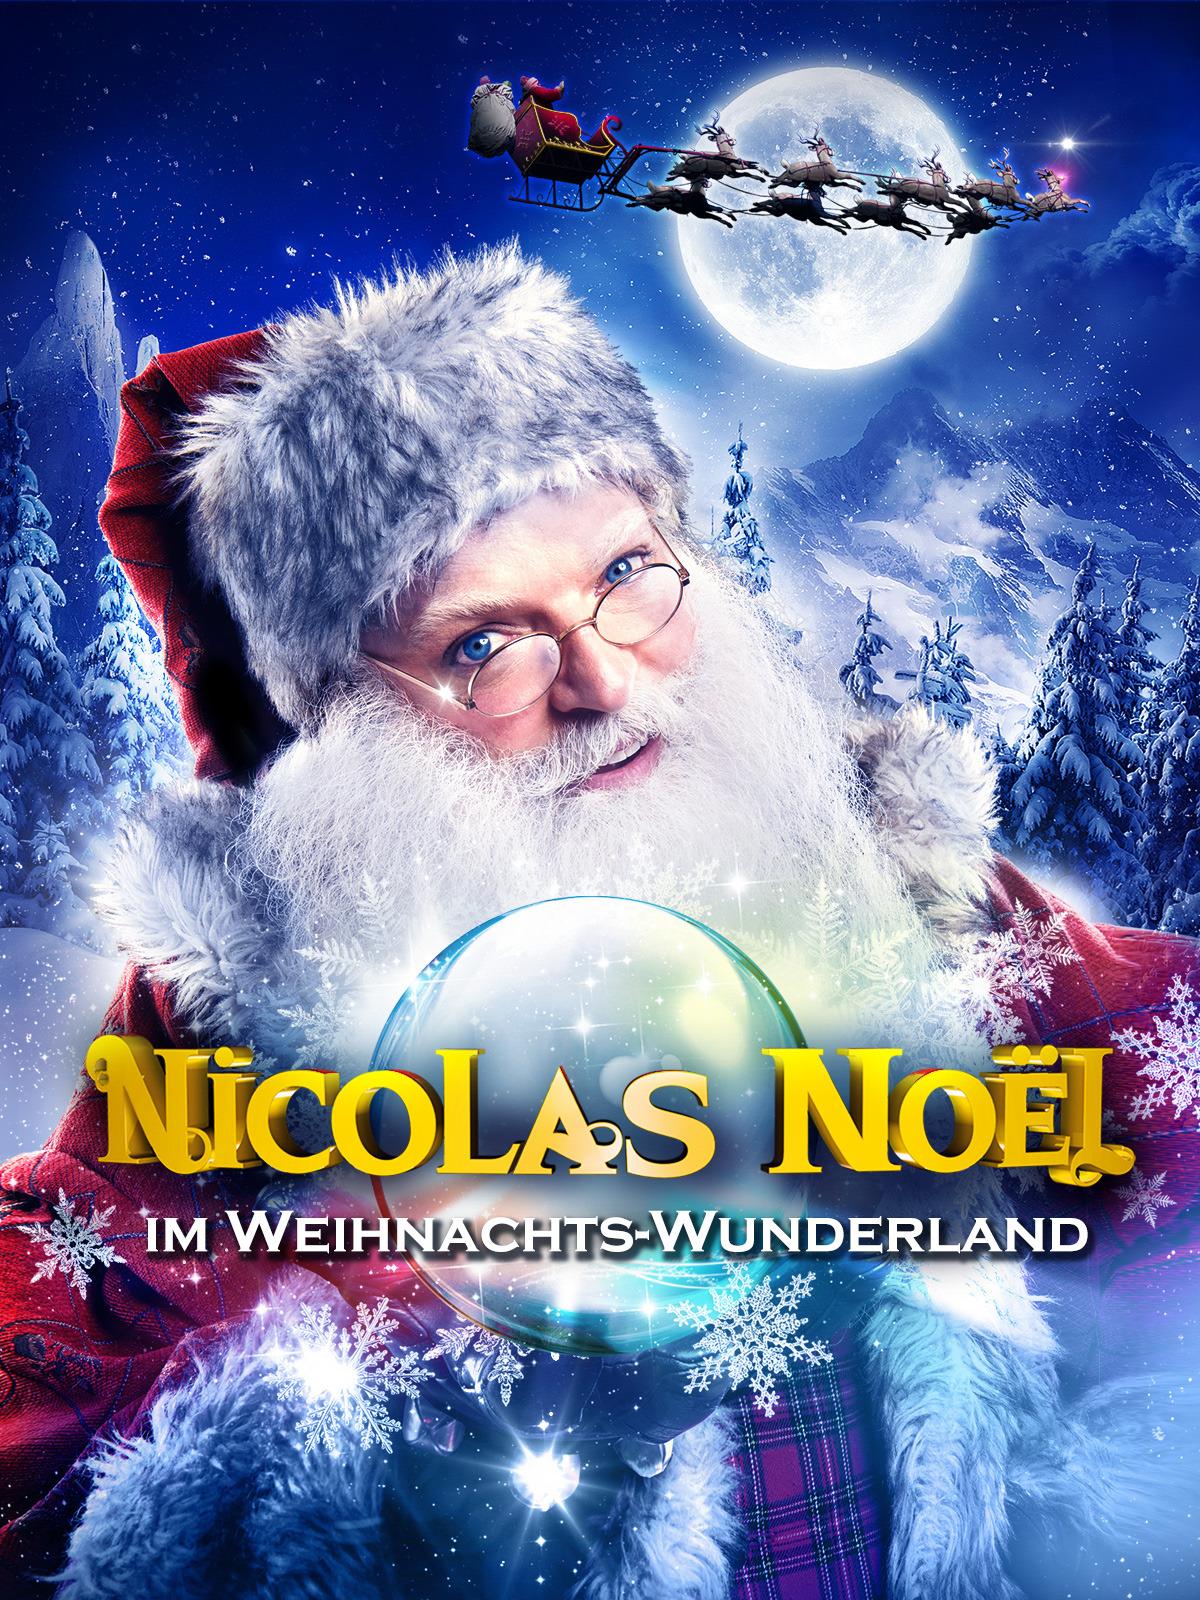 Nicolas Noël im Weihnachts-Wunderland